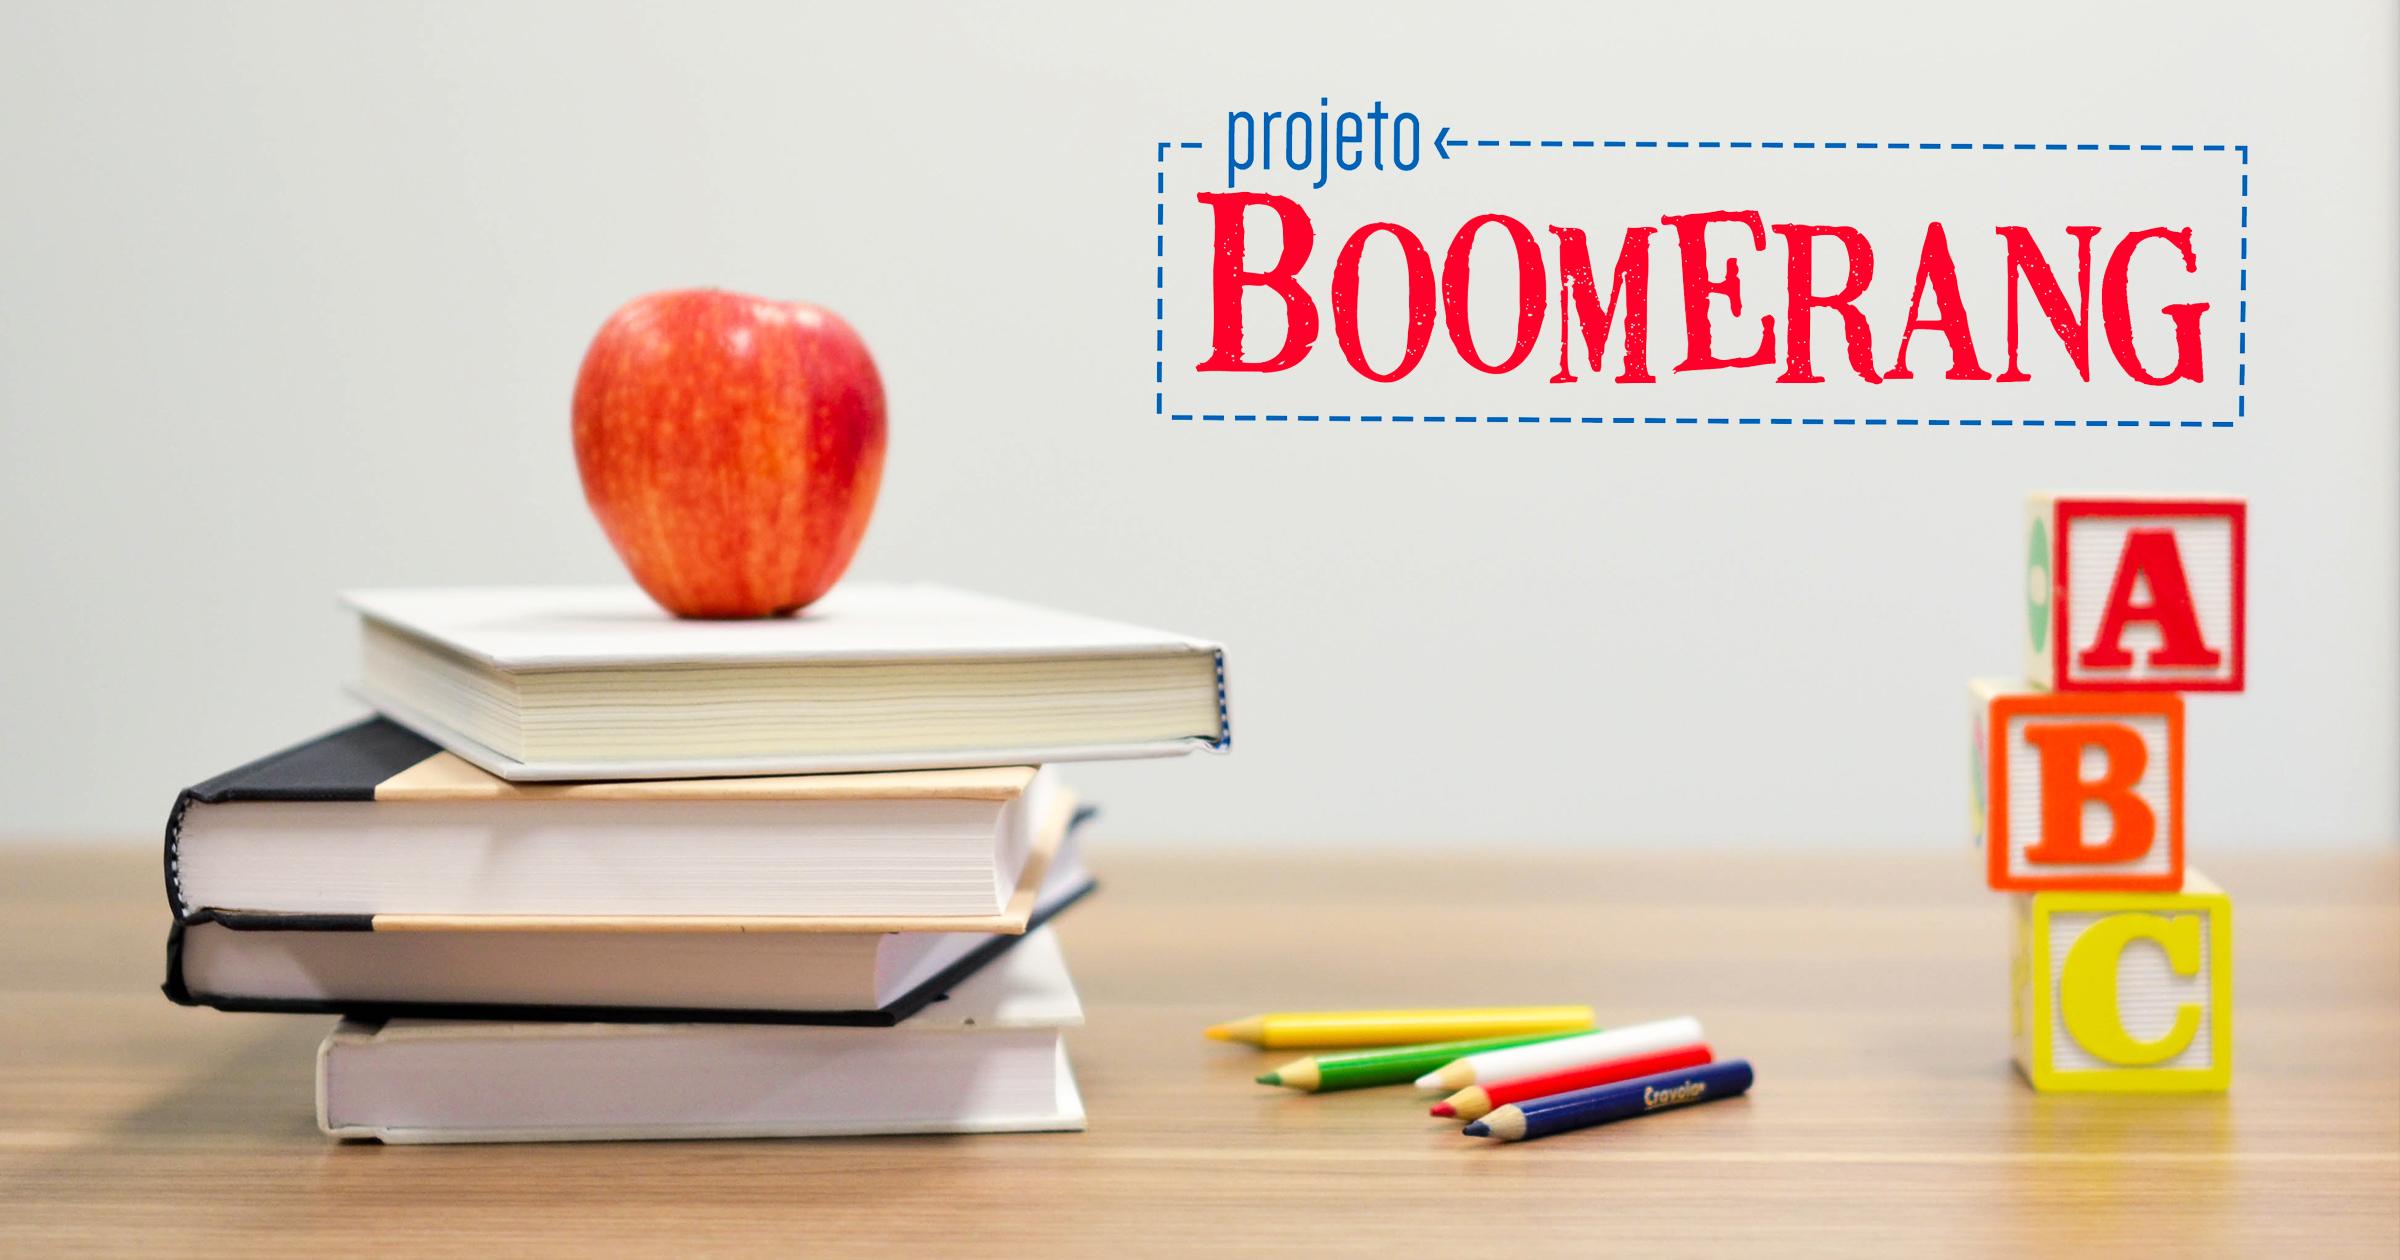 Projeto Boomerang   Um projeto de educação pelos pares a nível nacional, que fomenta a relação entre estudantes de medicina e alunos de diferentes escolas, preferencialmente as de origem dos alunos formadores.